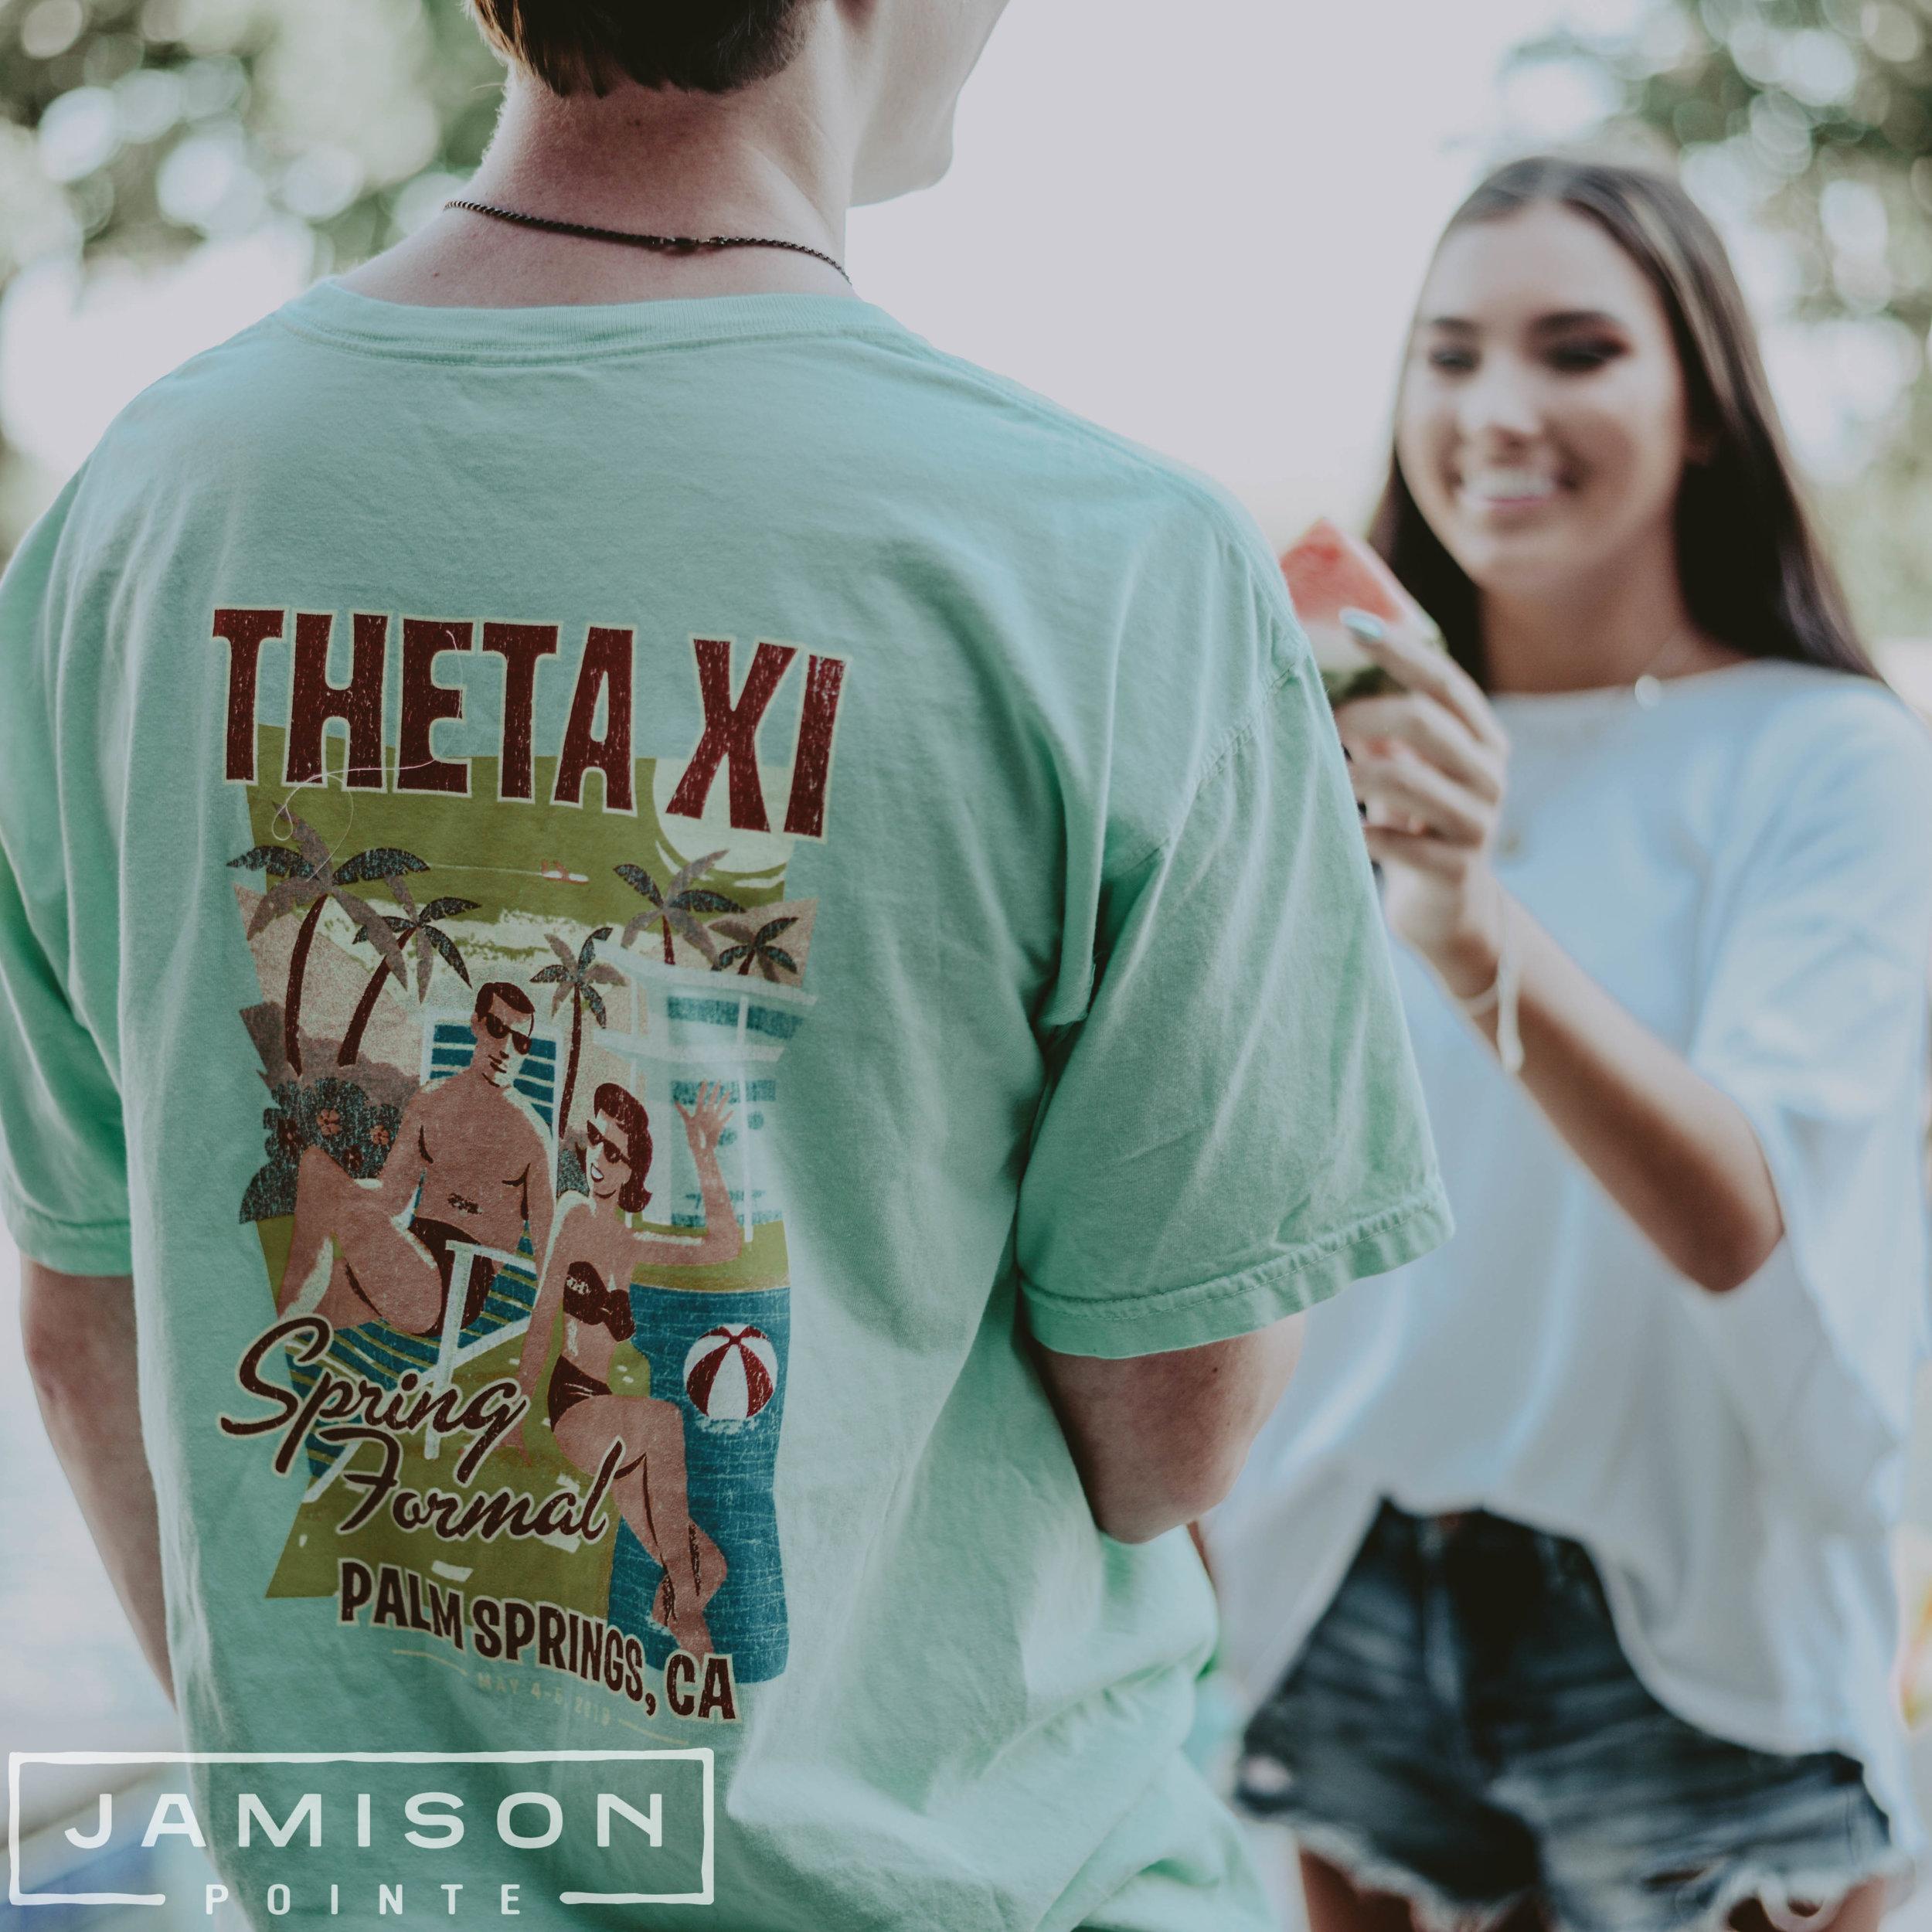 Theta Xi Spring Formal Tshirt